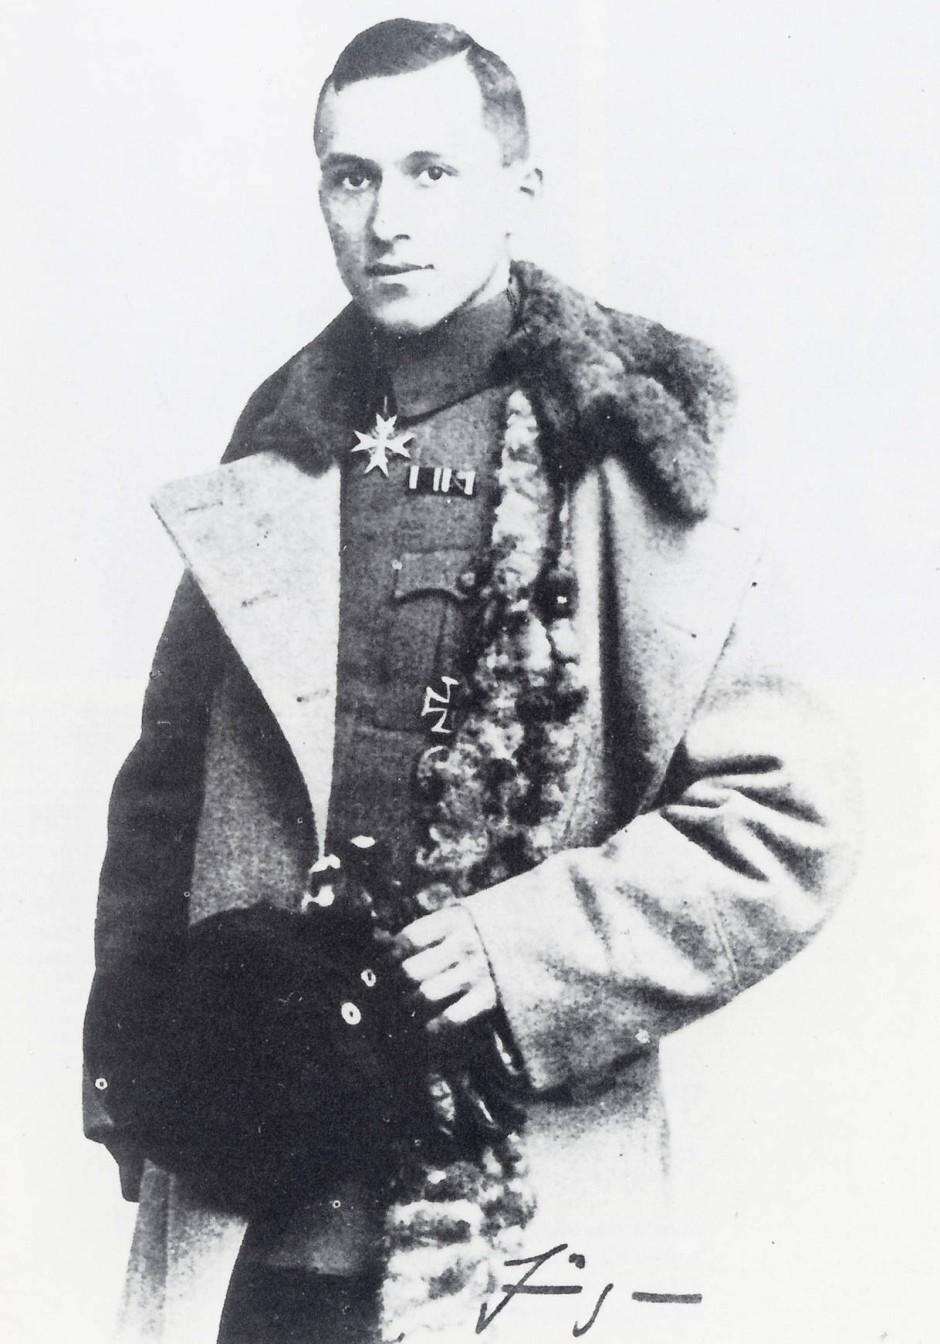 Ernst Jünger in his war uniform